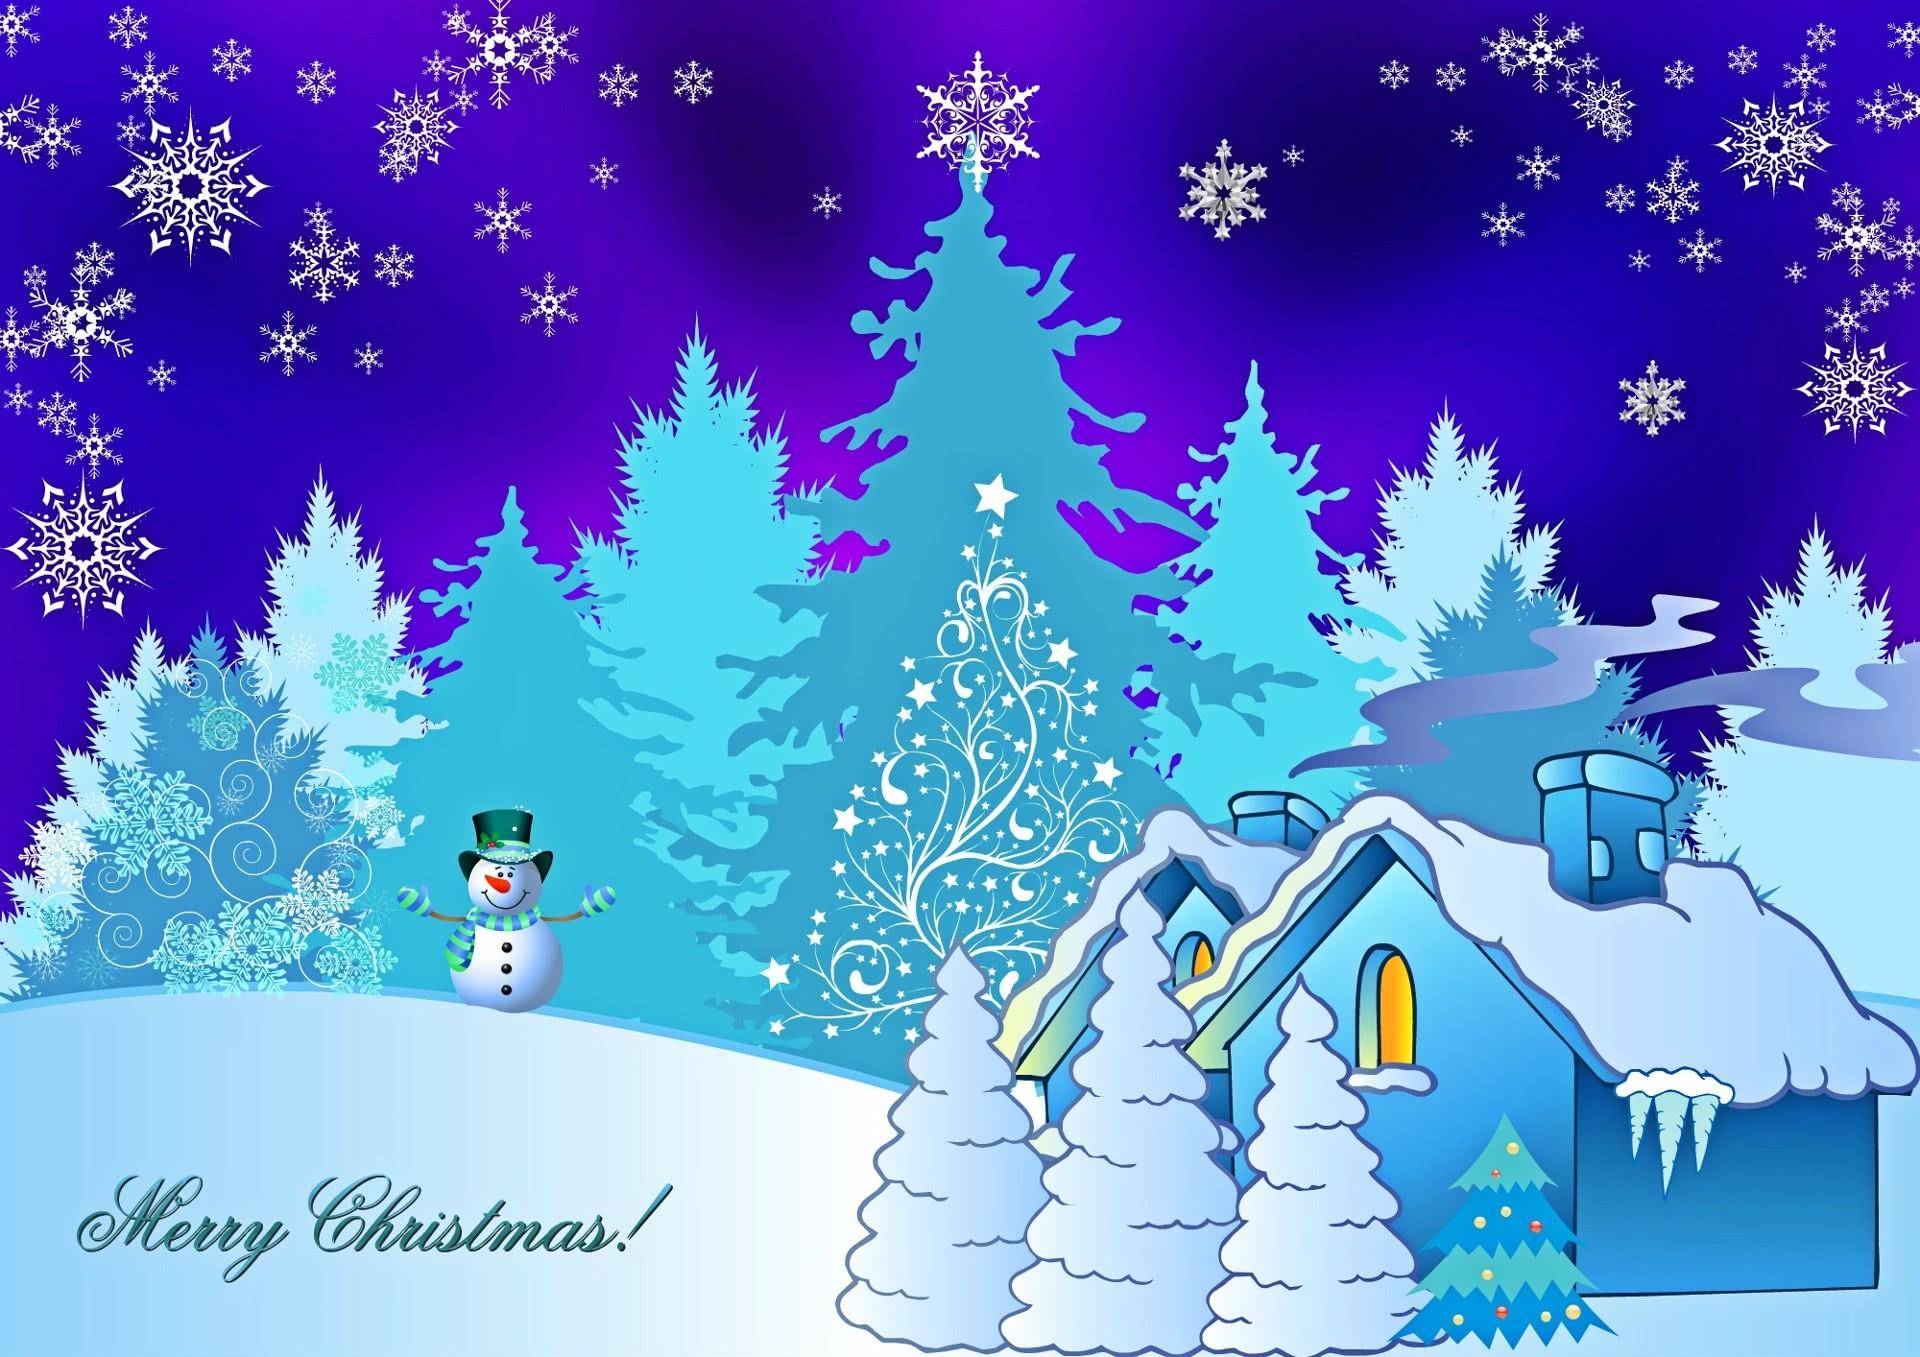 christmas scene wallpaper holidaychristmaswallpaper christmas_scene_wallpaperjpghtml